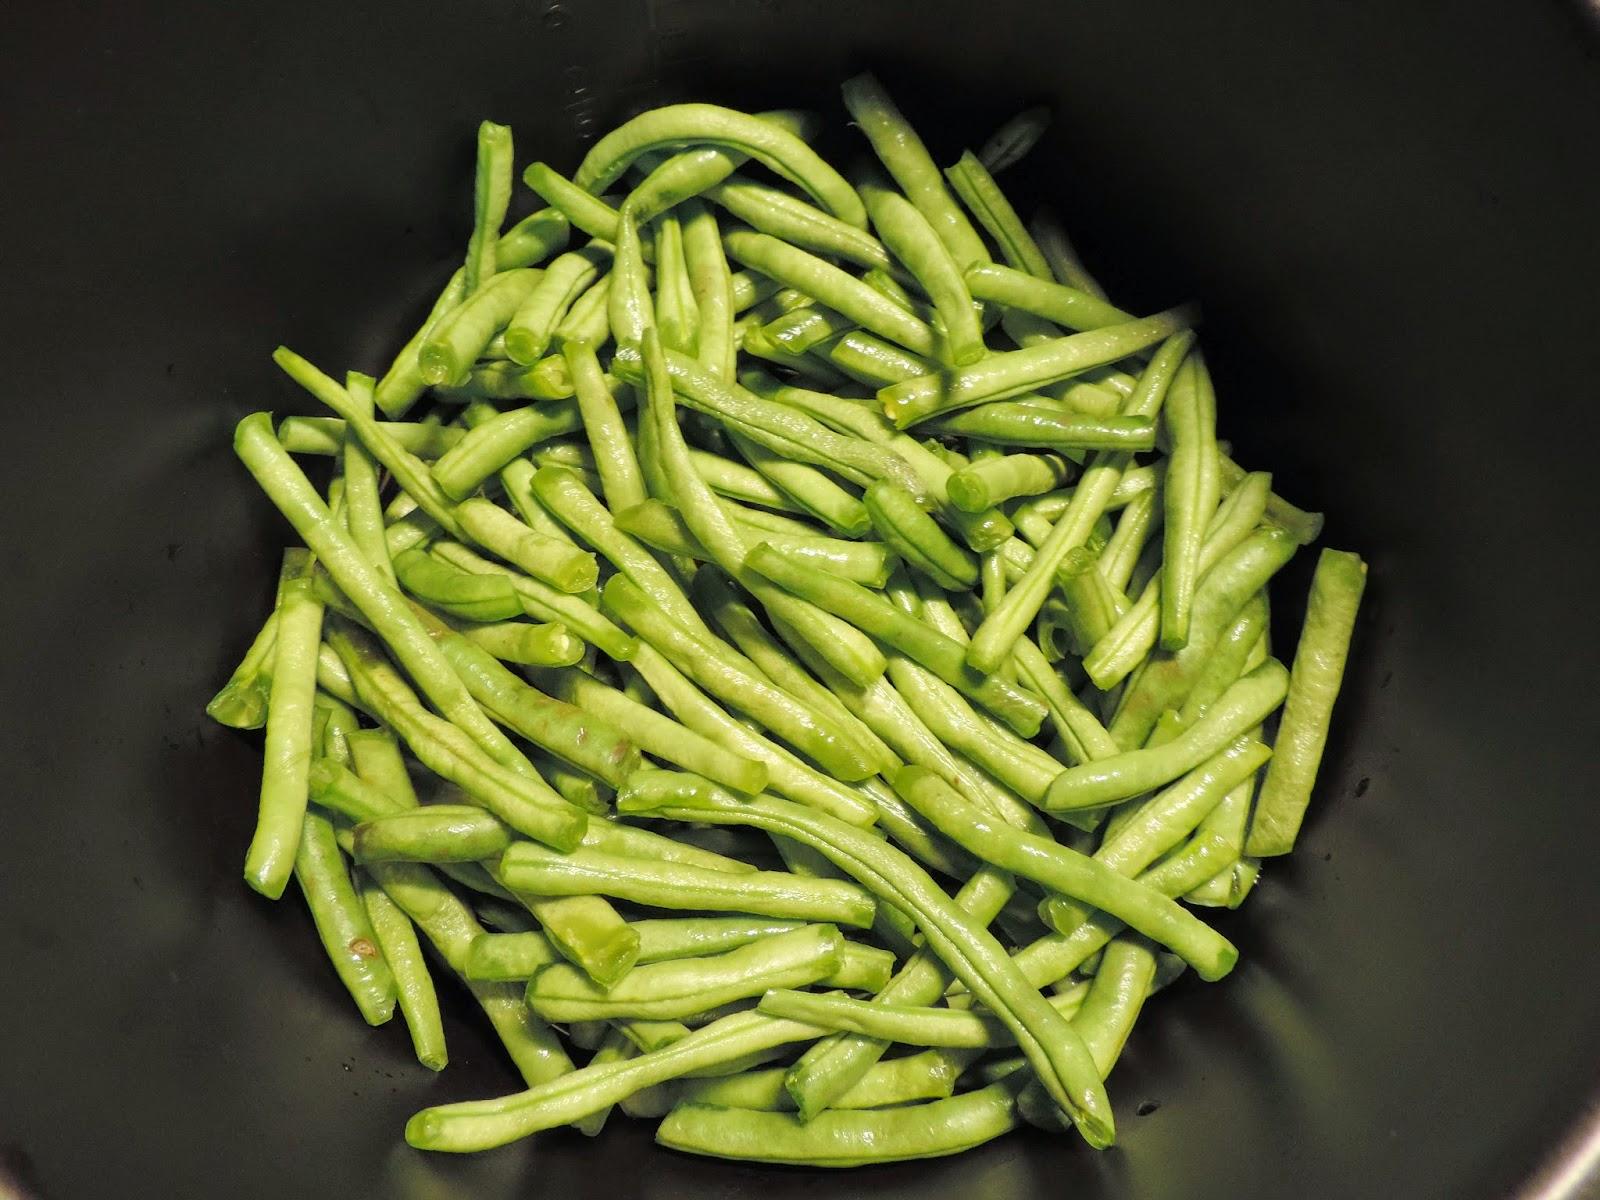 Cocinando con maribel judias verdes al vapor en olla - Judias verdes en olla express ...